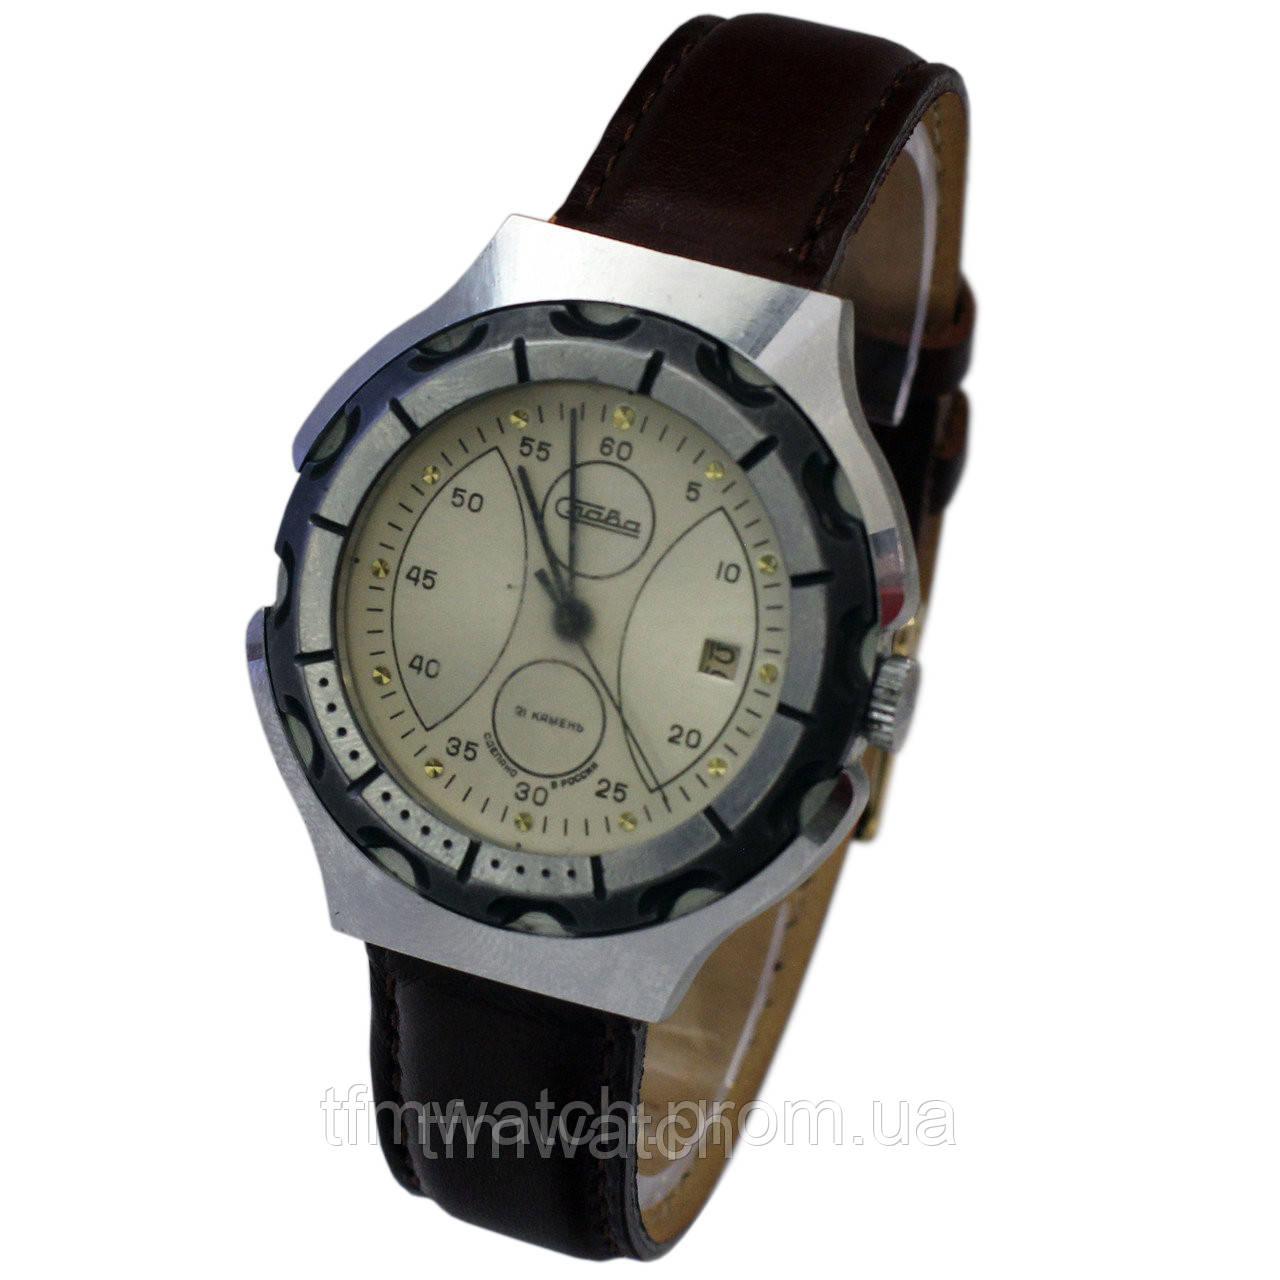 Часы Слава 21 камень - Магазин старинных, винтажных и антикварных часов  TFMwatch в России 90bb451ff66